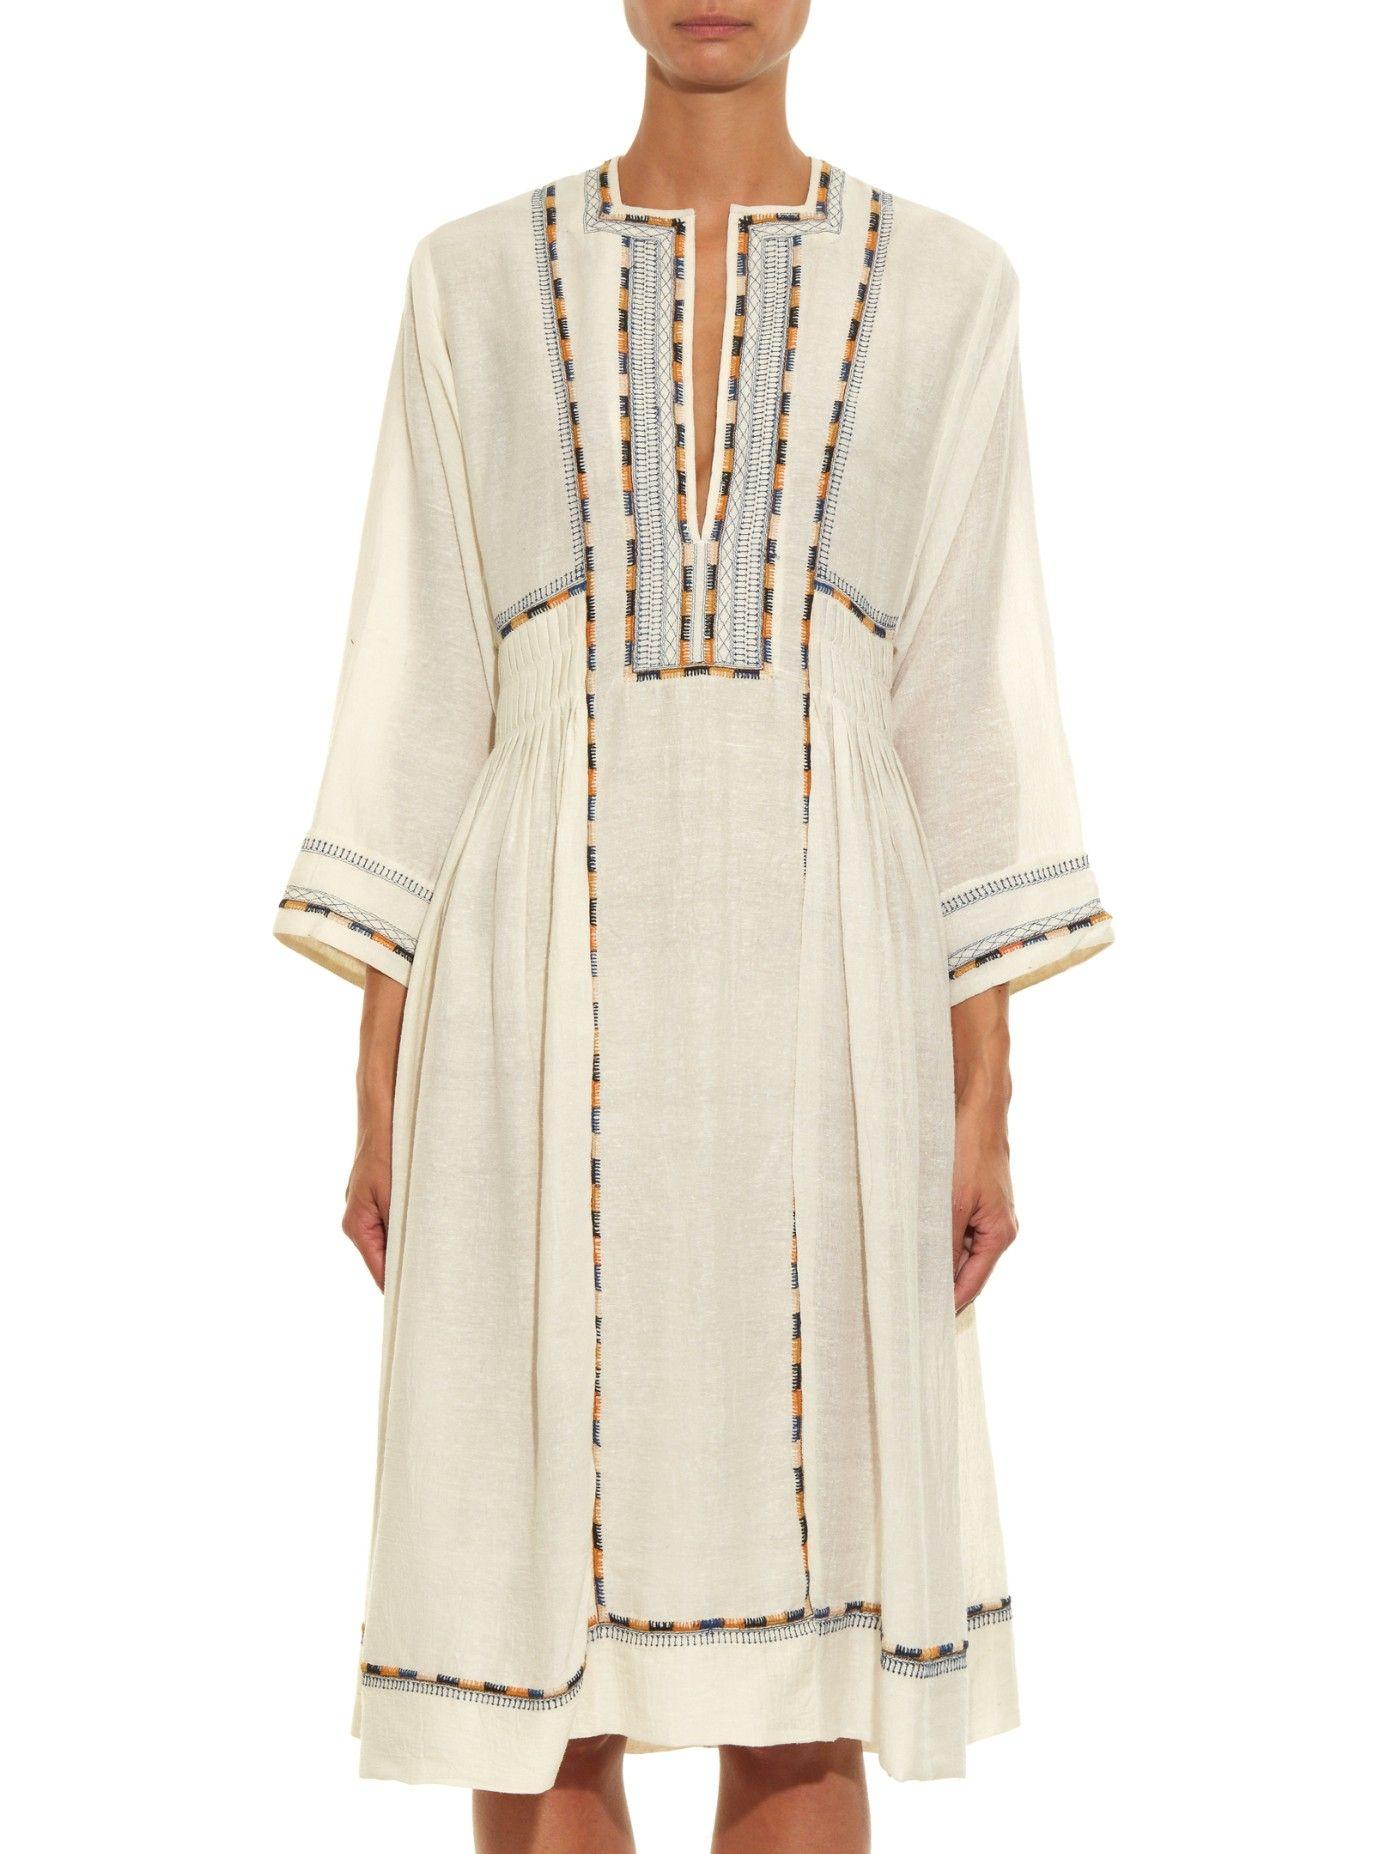 Clayne embroidered dress   Isabel Marant   MATCHESFASHION.COM US